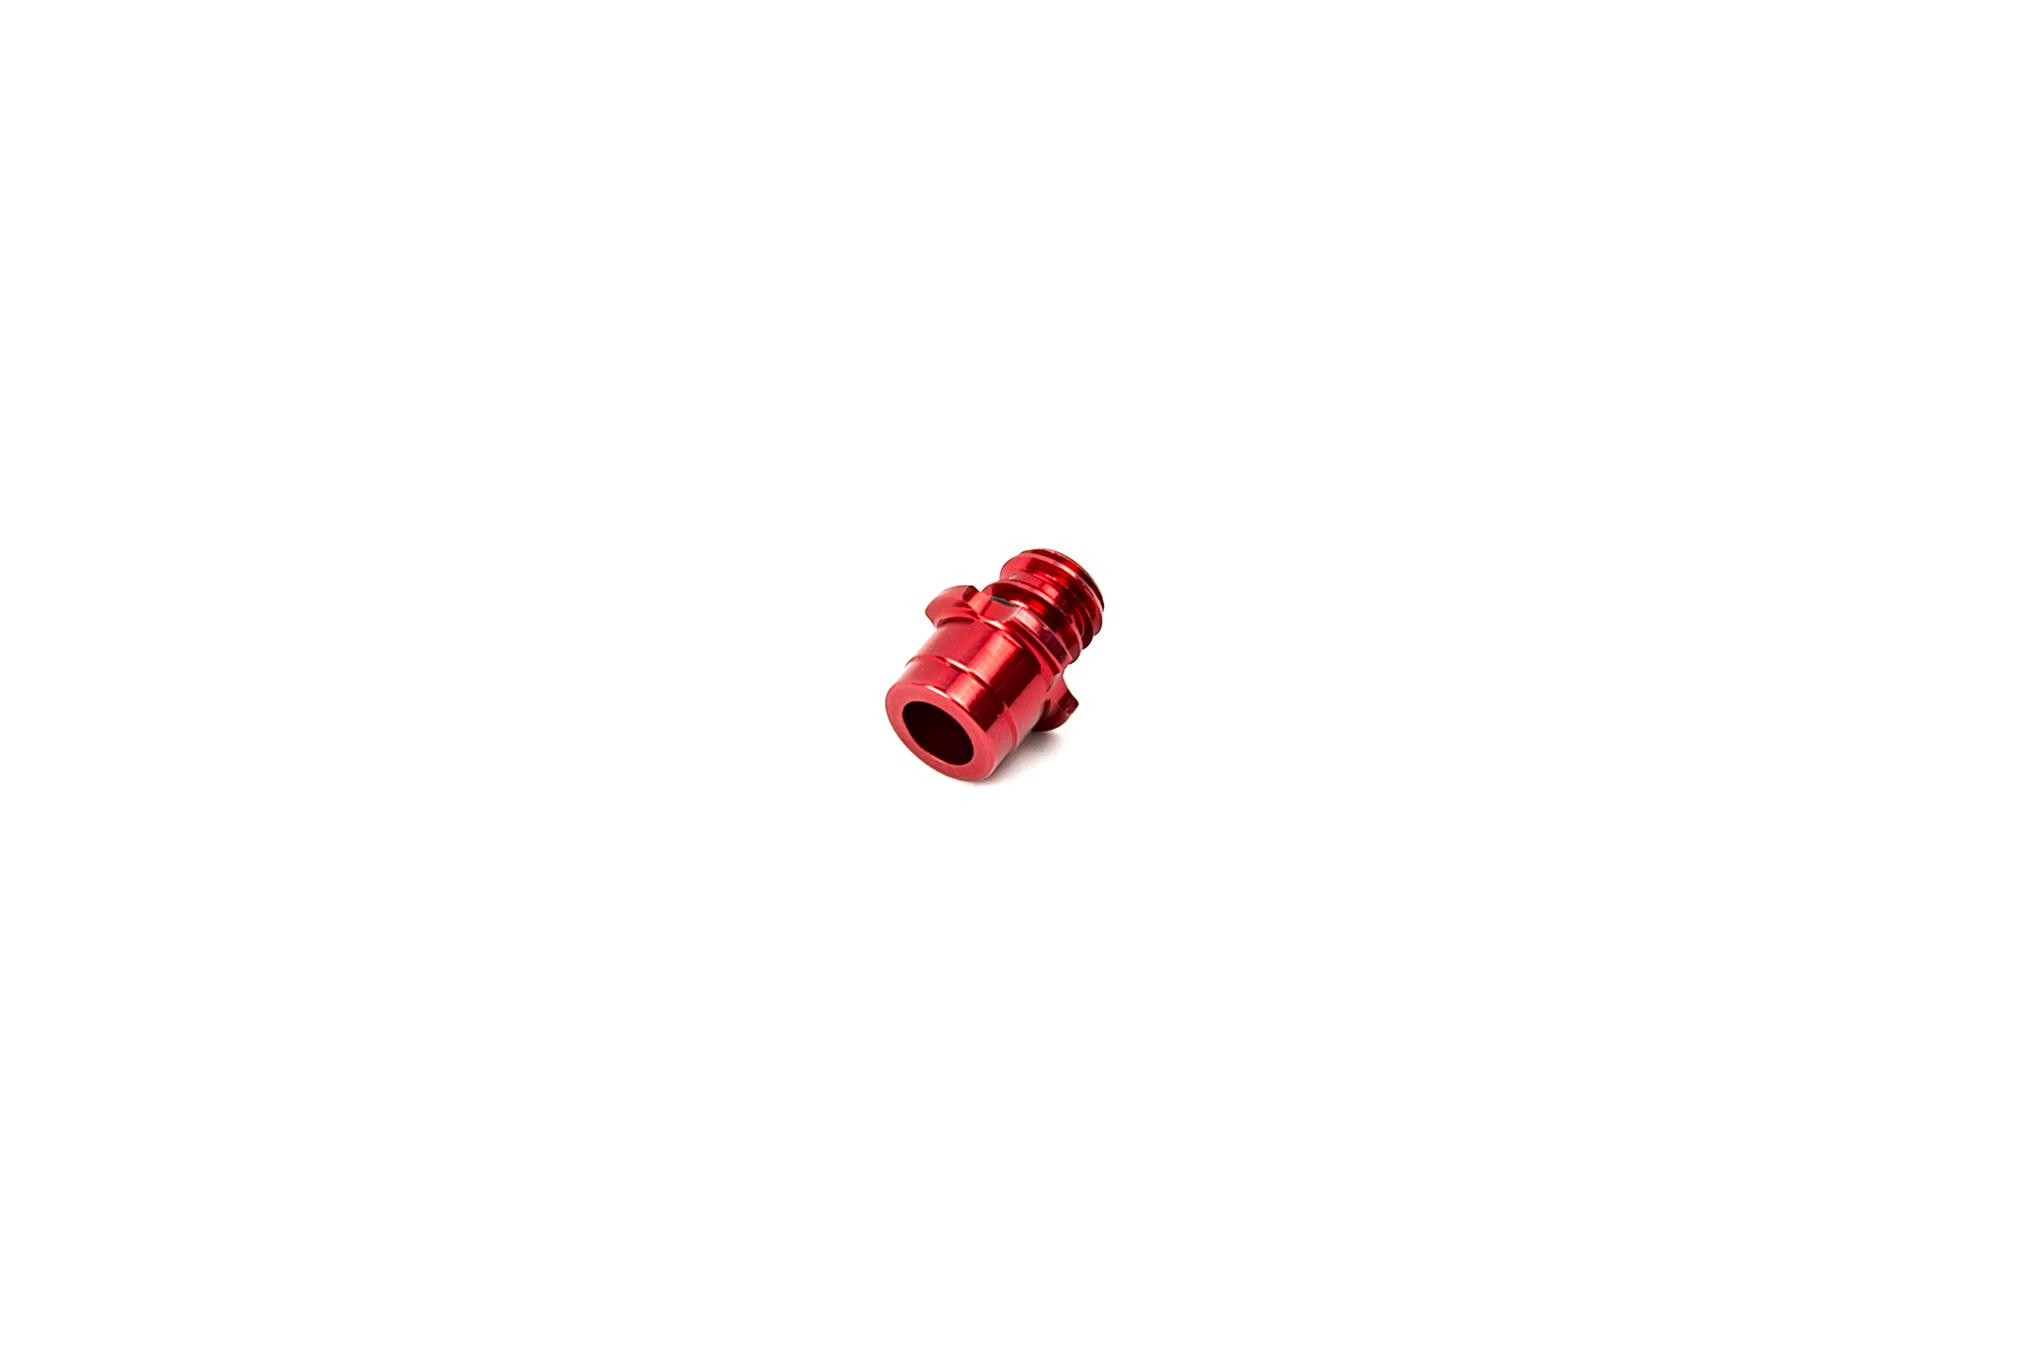 RA-TECH CNCアルミインターチェンジブルノズルセット対応 スペアノズルチップ